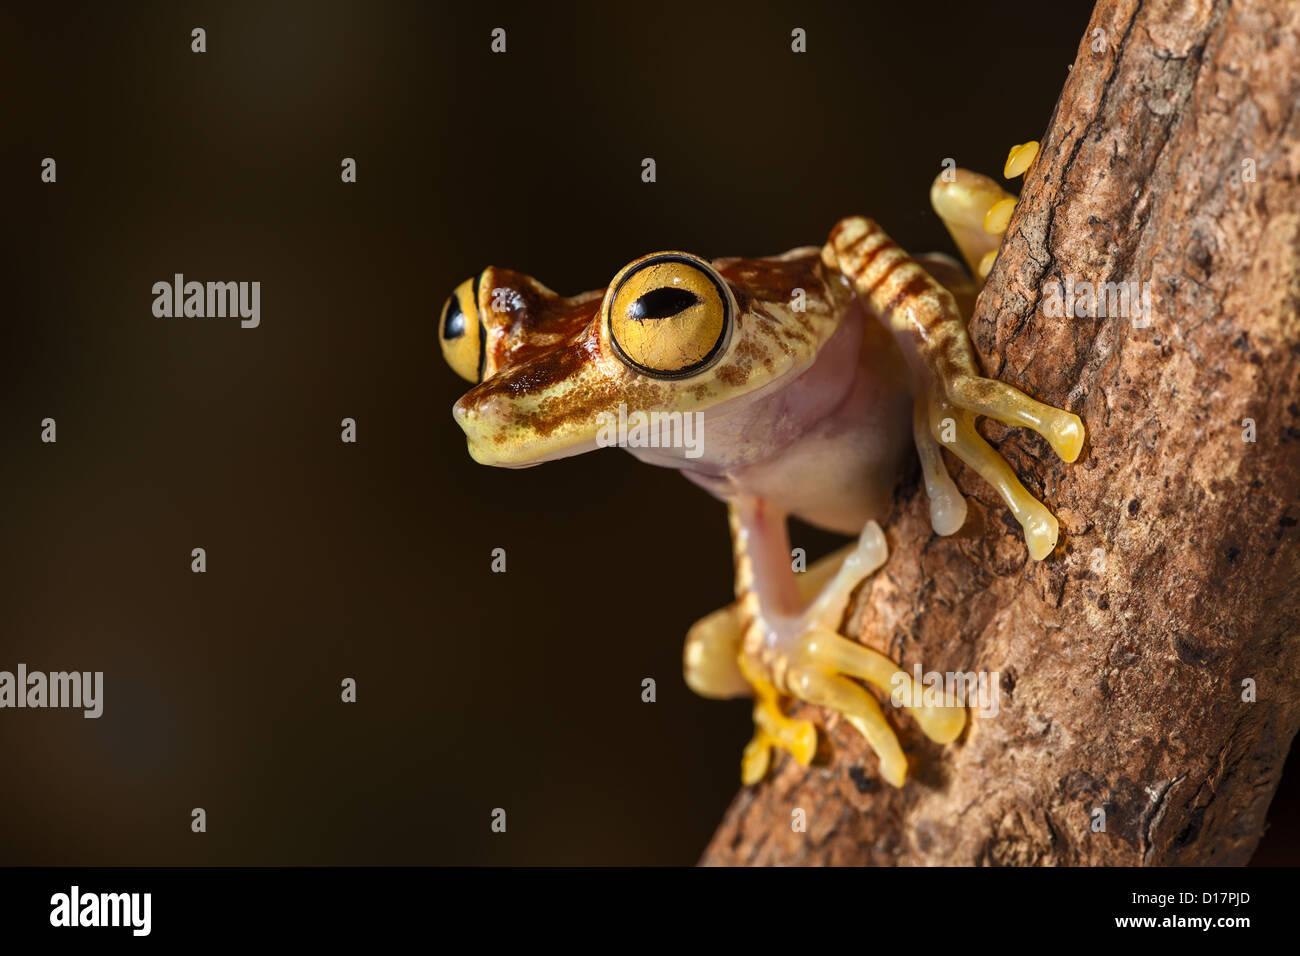 Laubfrosch Hypsiboas Picturata Amazonas Regenwald Treefrog von Kolumbien und Ecuador Dschungel, exotische Tier lebt Stockbild